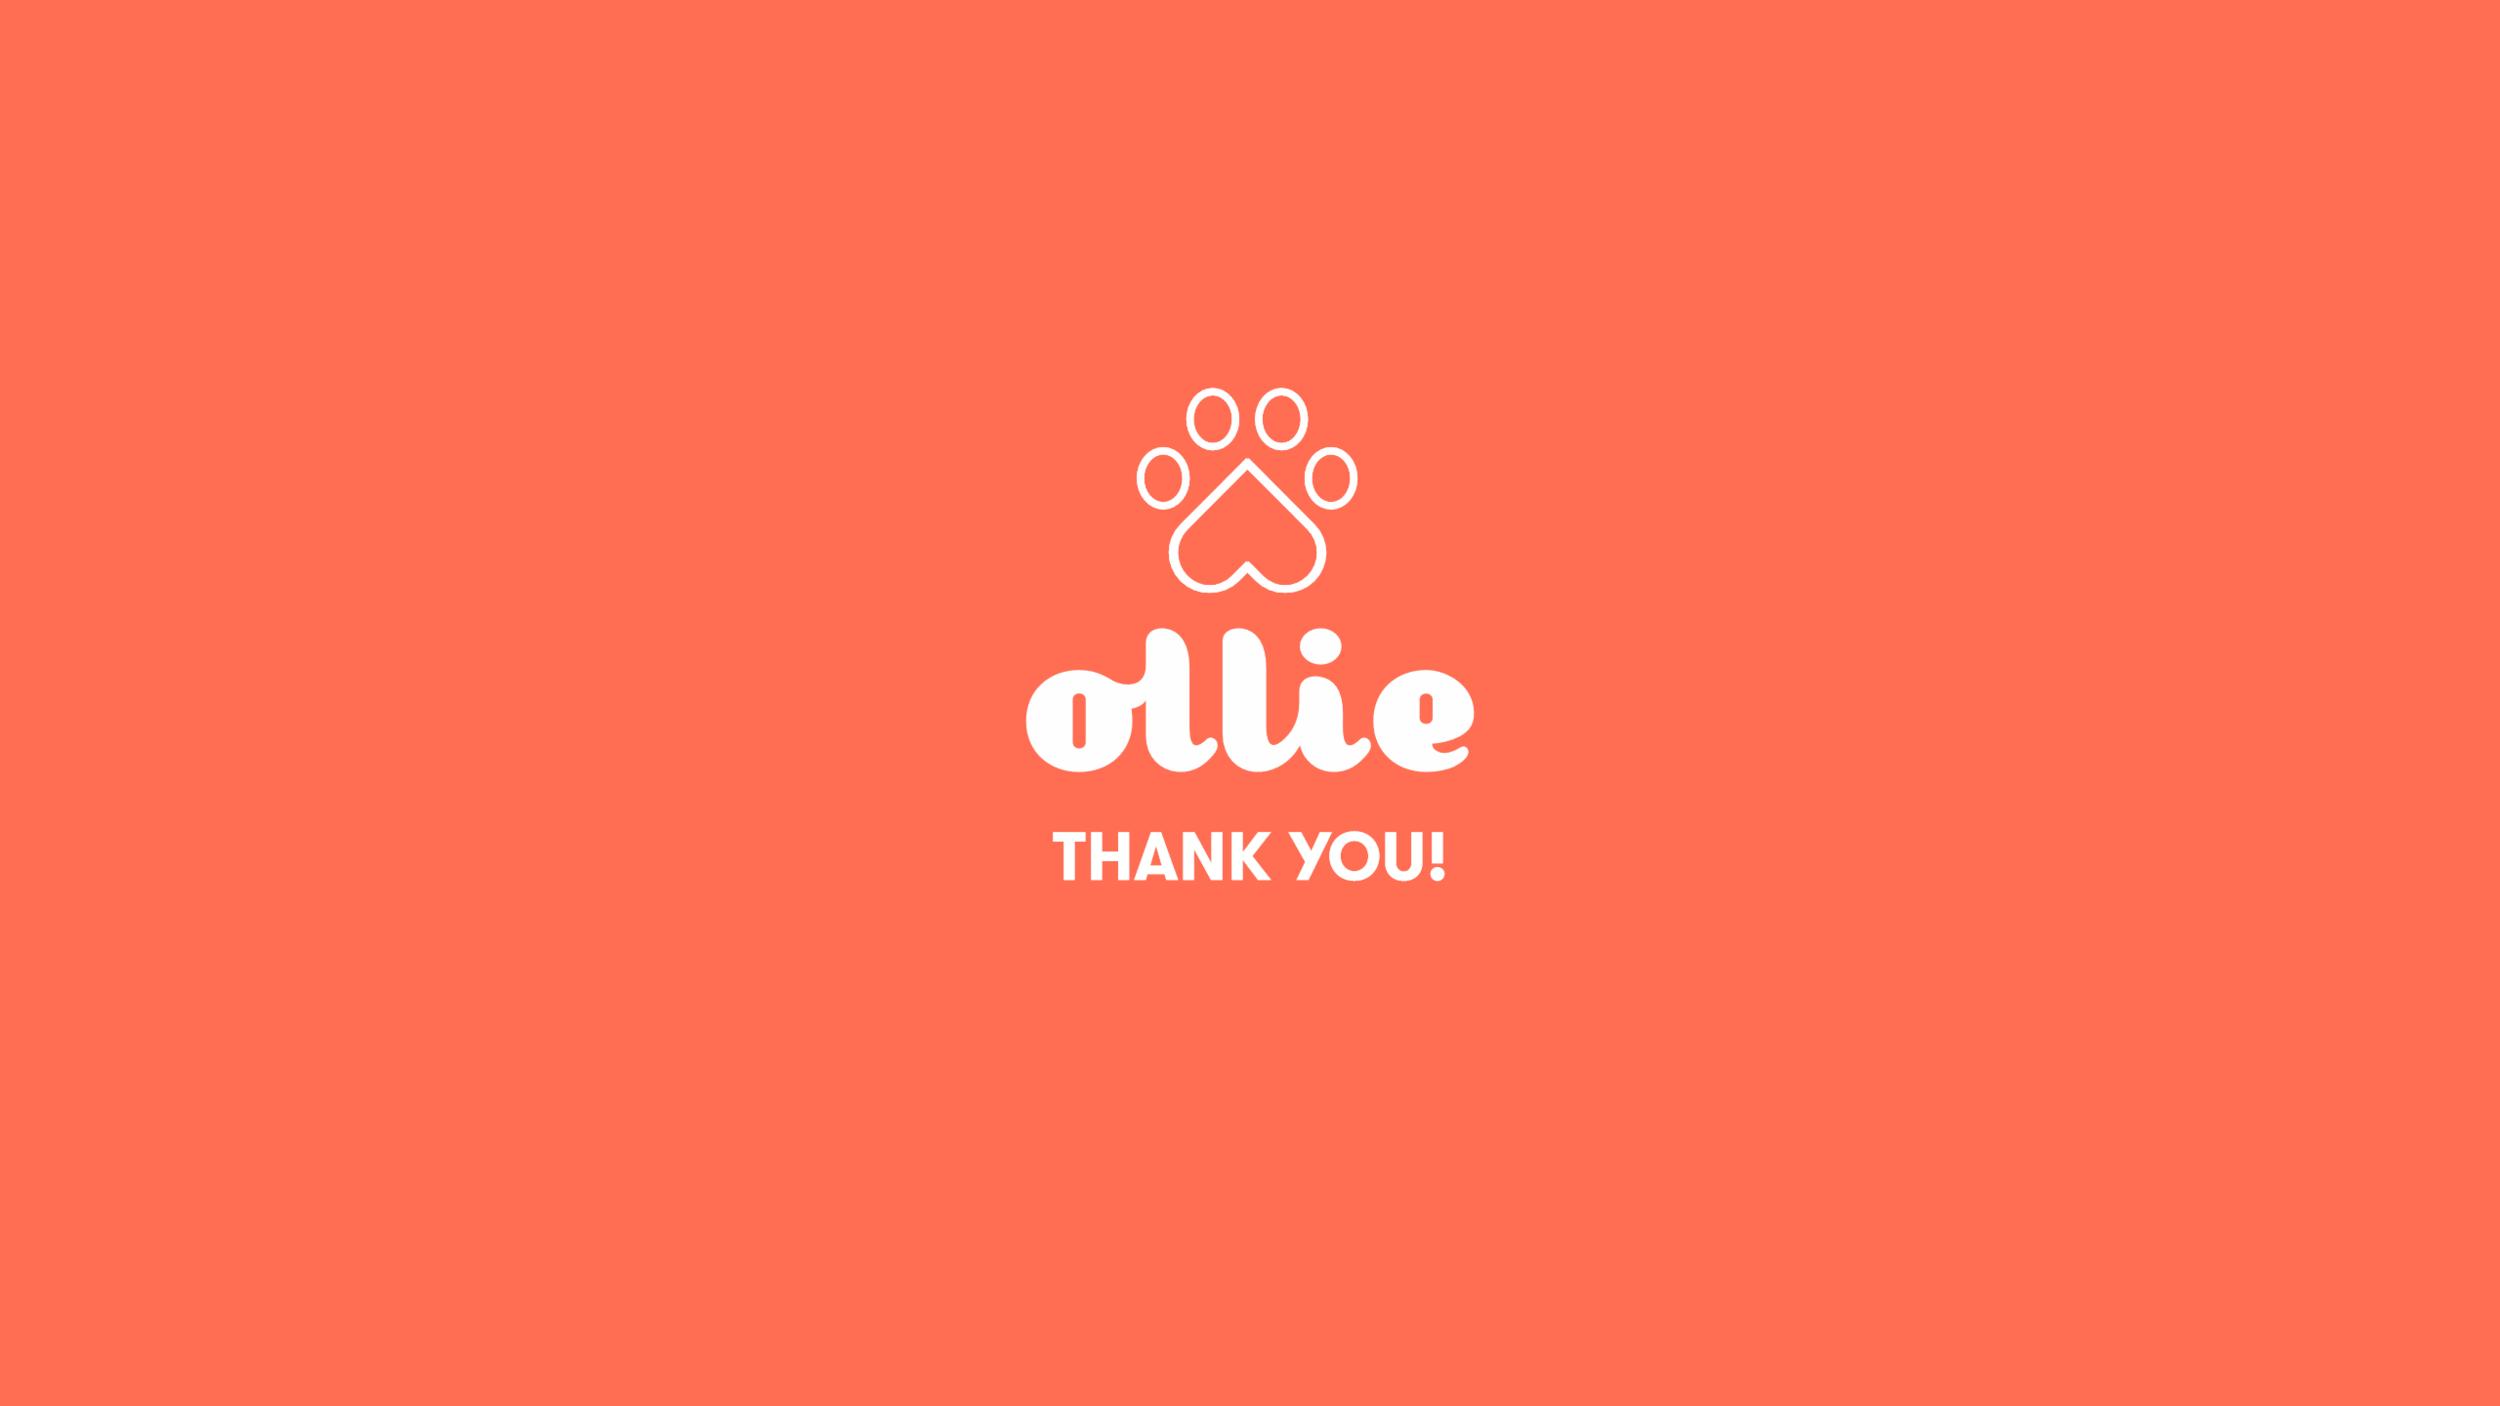 ollie9.jpg